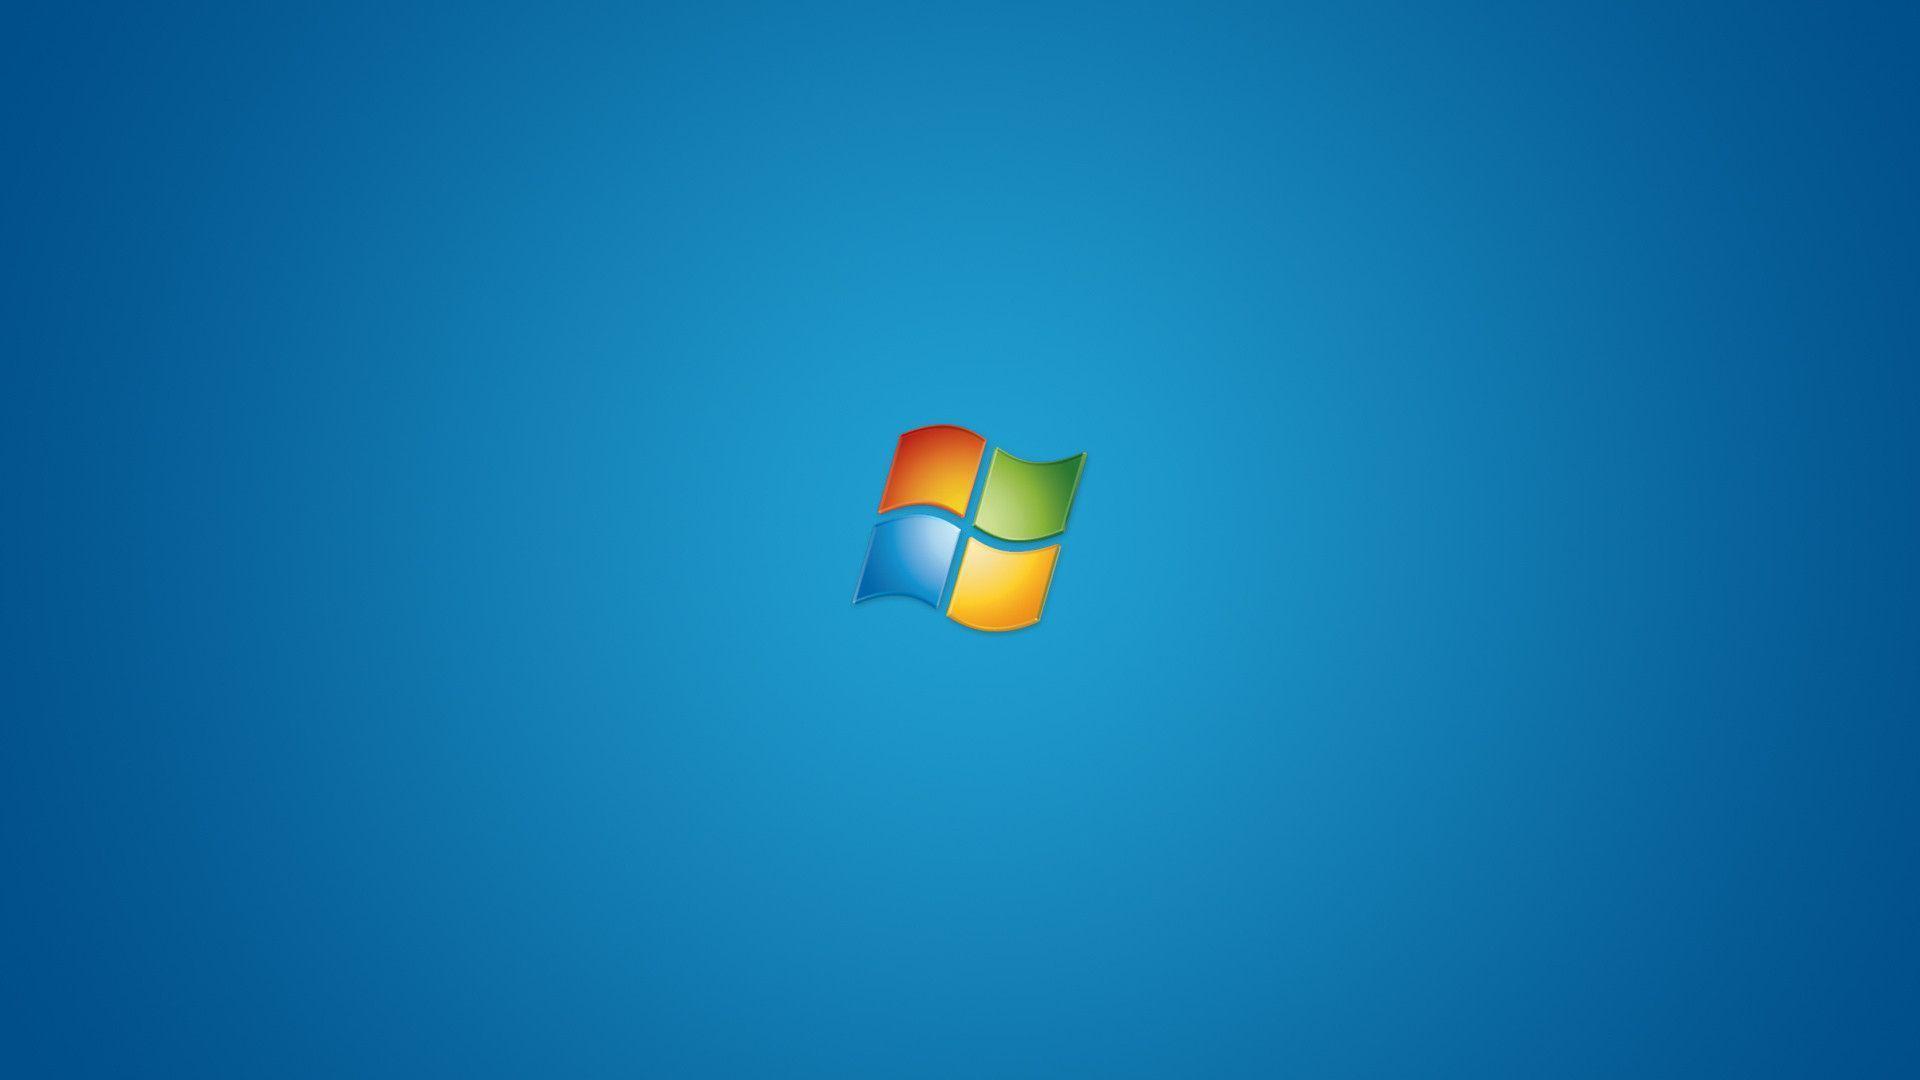 Microsoft Windows Desktop Wallpaper Www